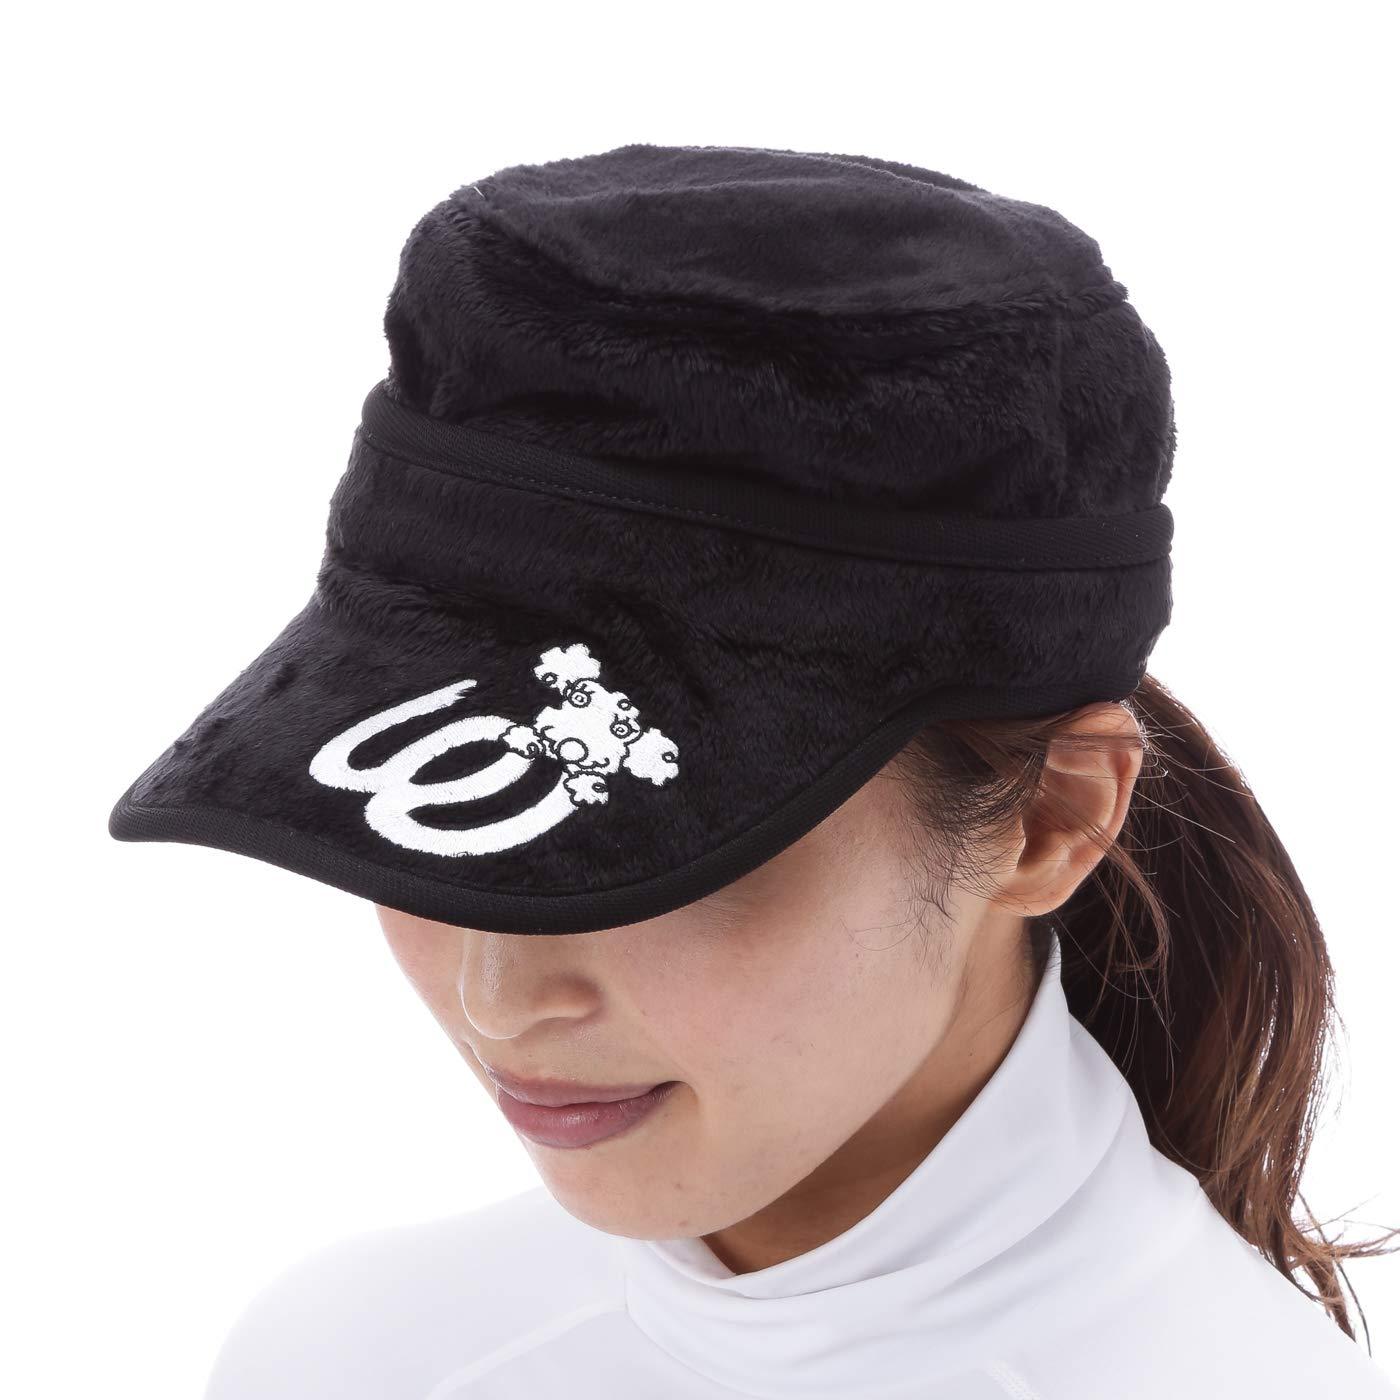 MUスポーツ M.U SPORTS 帽子 2WAYワークキャップ レディス F ブラック B07JHHYMR6